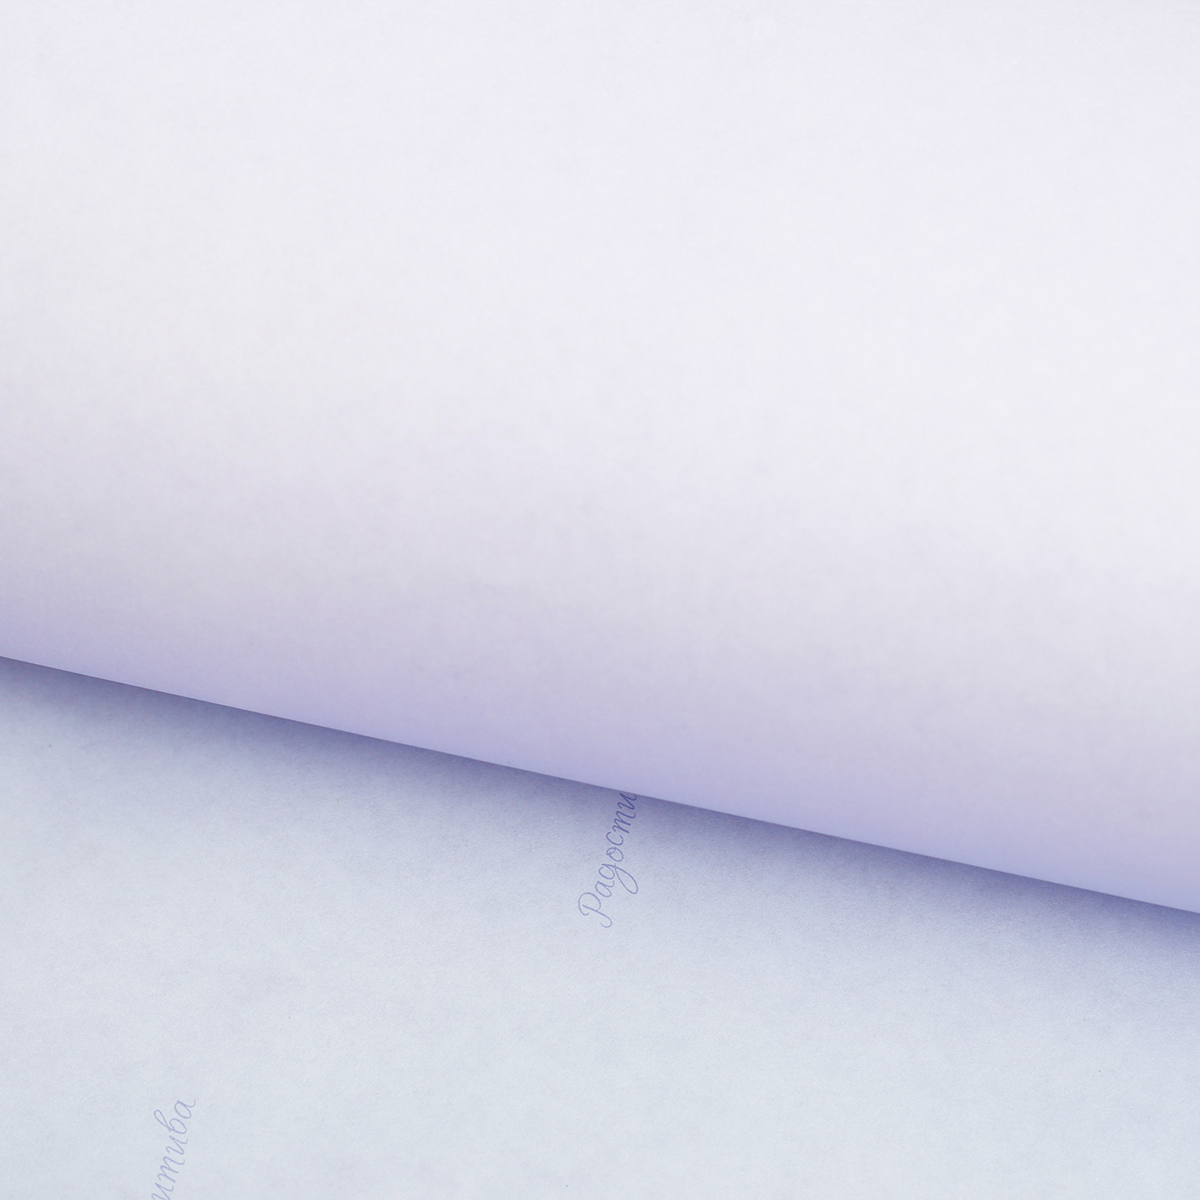 Крафт-бумага Дарите Счастье Пантон. Нежная лаванда, цветная, двусторонняя, 50 х 70 см2741517Любой подарок начинается с упаковки. Что может быть трогательнее и волшебнее, чем ритуал разворачивания полученного презента. И именно оригинальная, со вкусом выбранная упаковка выделит ваш подарок из массы других. Она продемонстрирует самые теплые чувства к виновнику торжества и создаст сказочную атмосферу праздника.